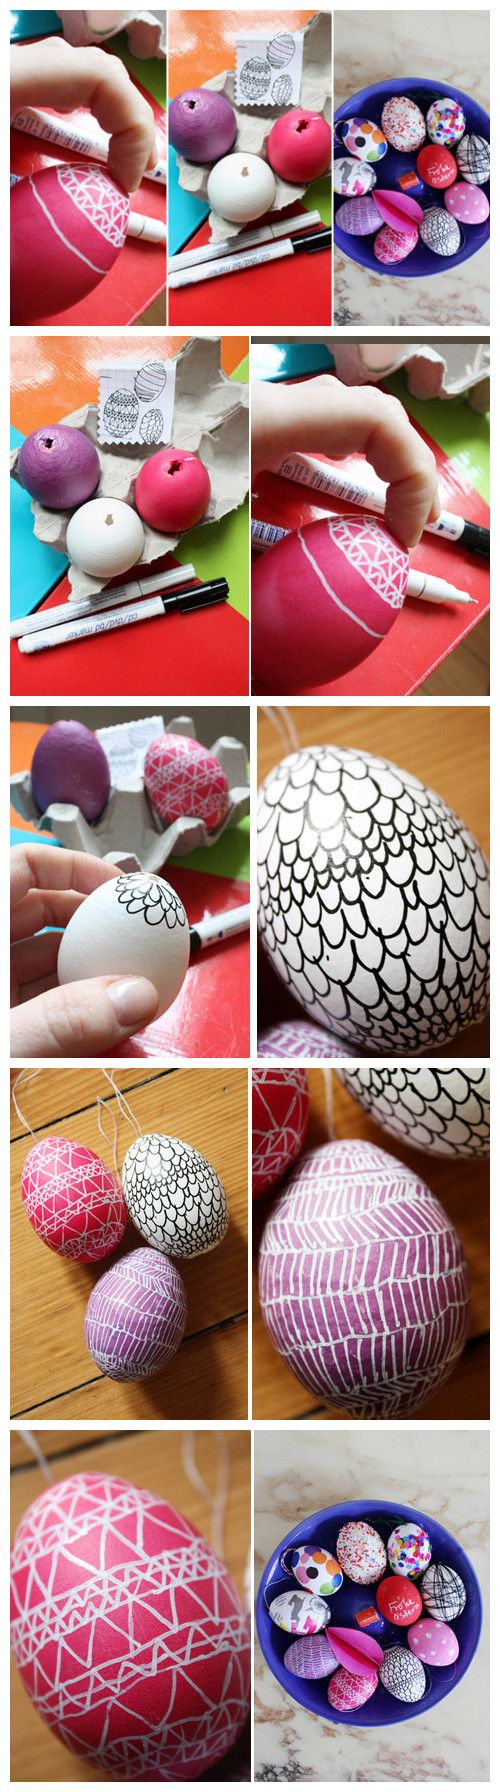 Kreative Osterei-Bemalung ♥ stylefruits Inspiration